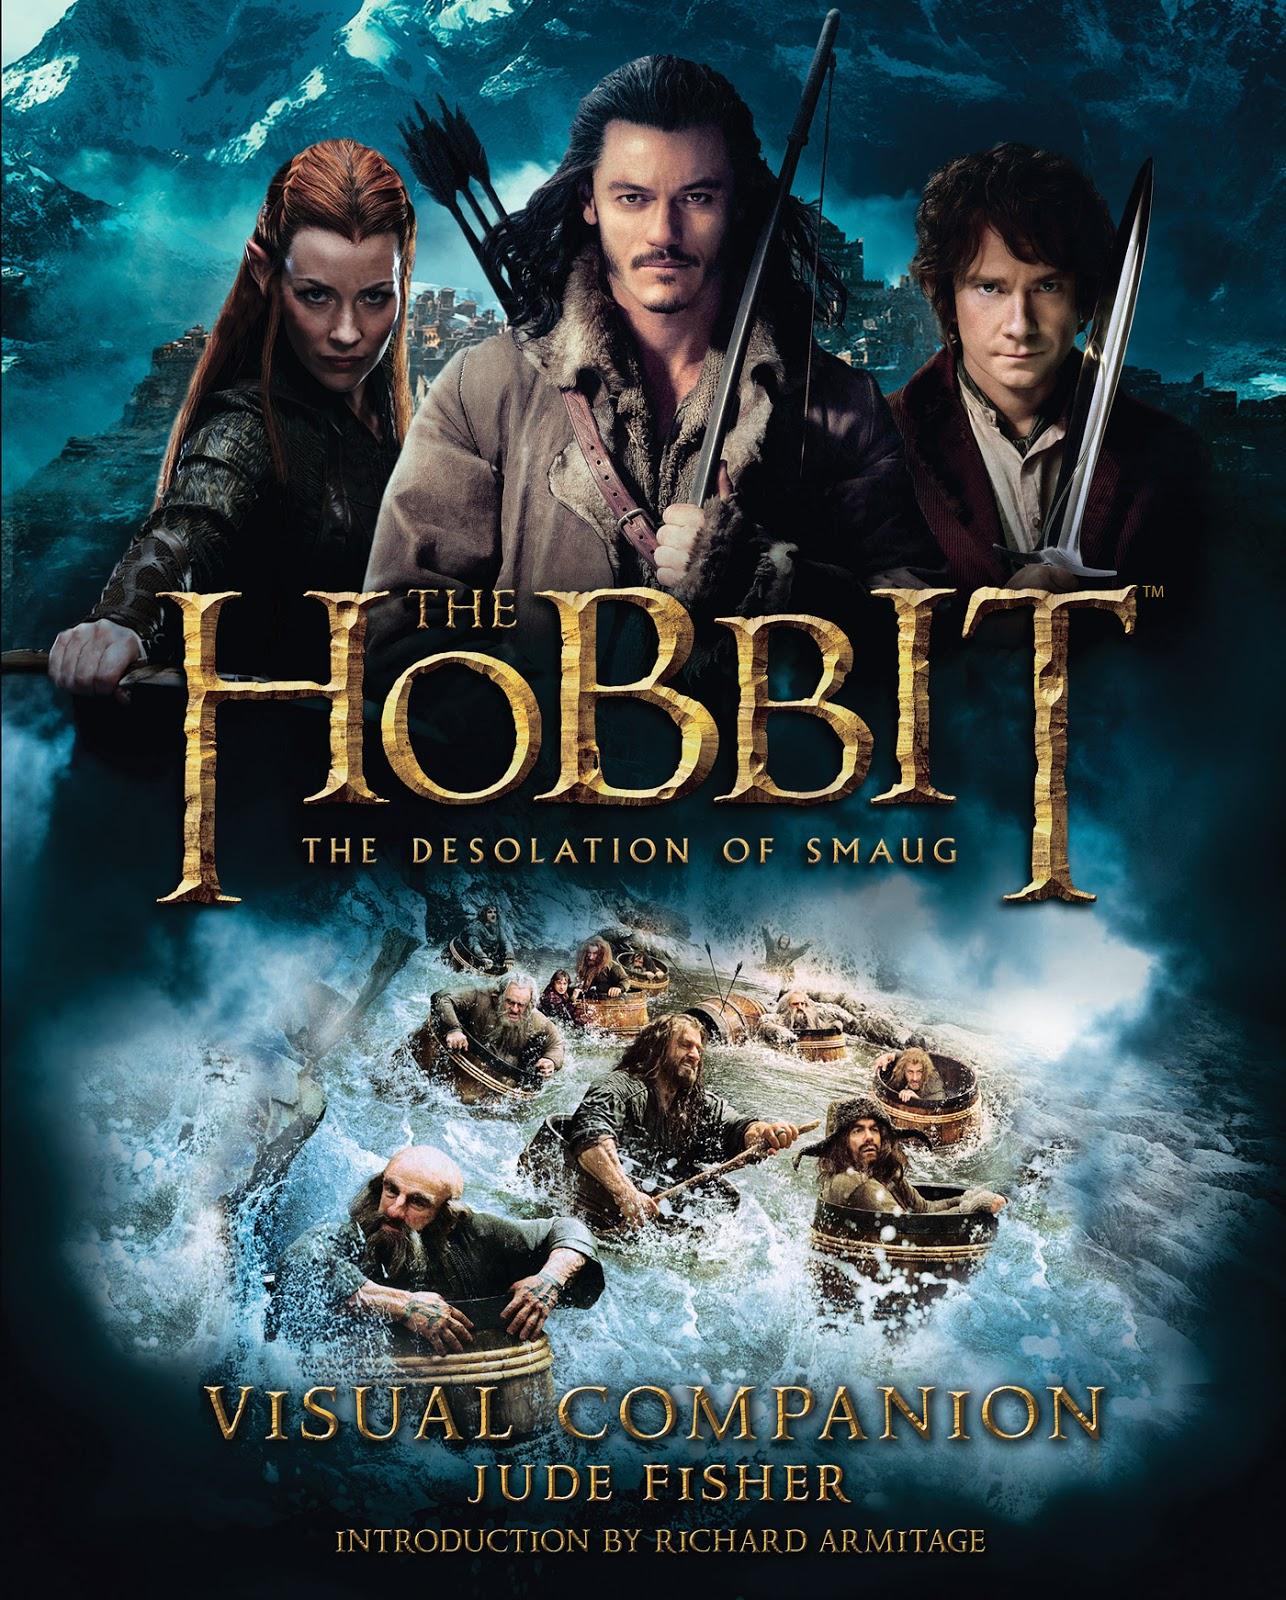 hobbit-poster-new-evans